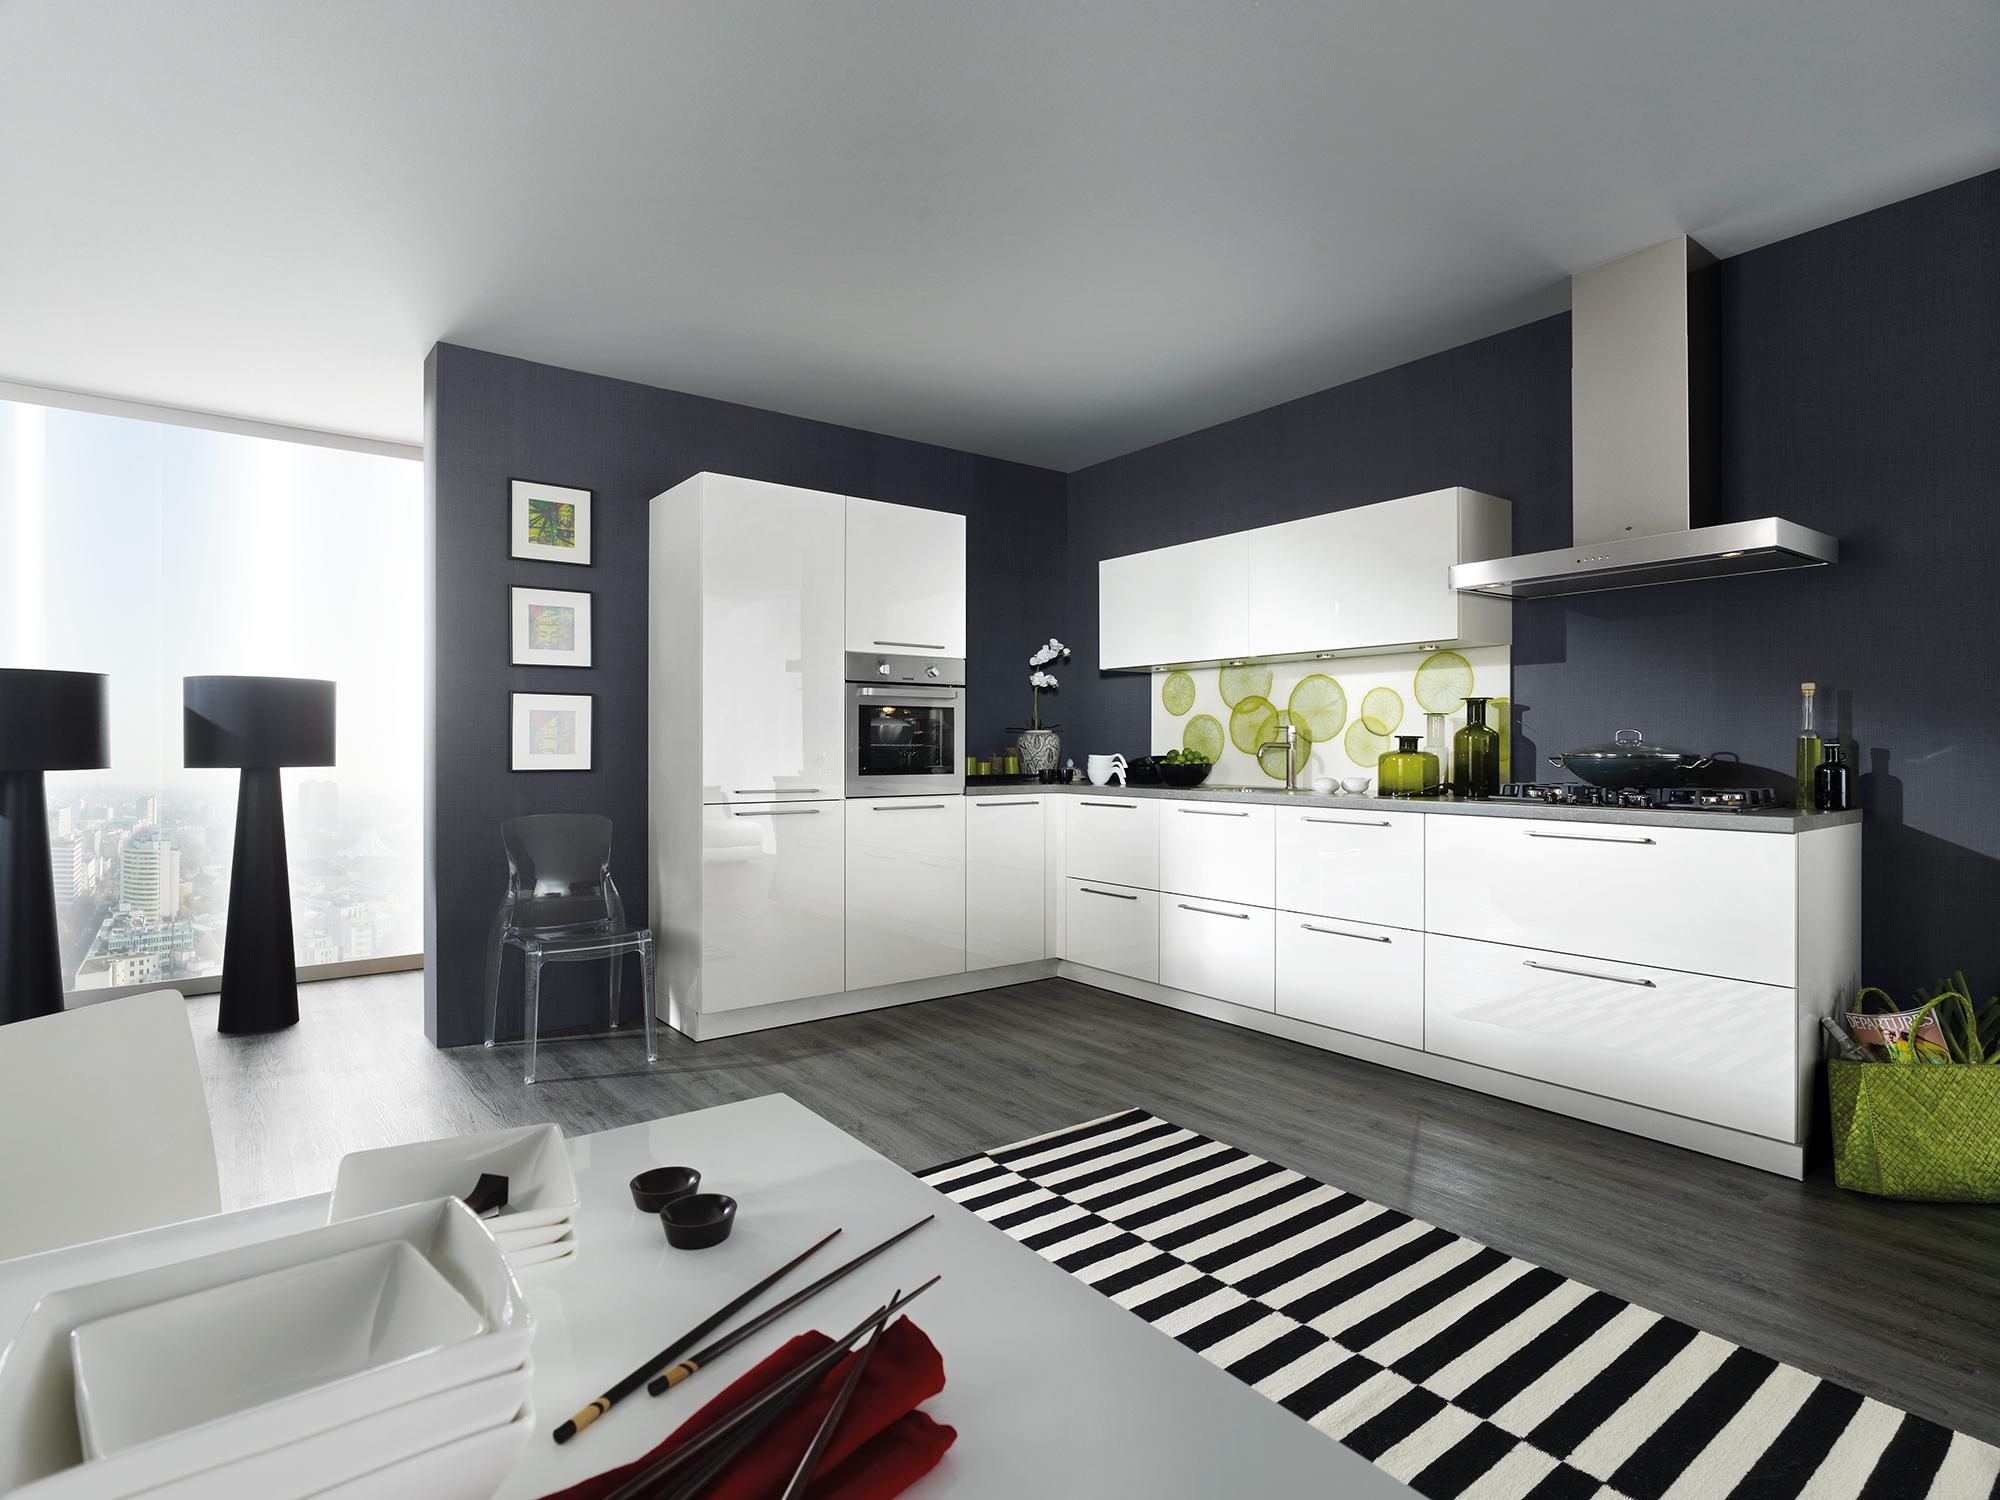 3D keukenontwerp, jaarlijks groeiend marktaandeel